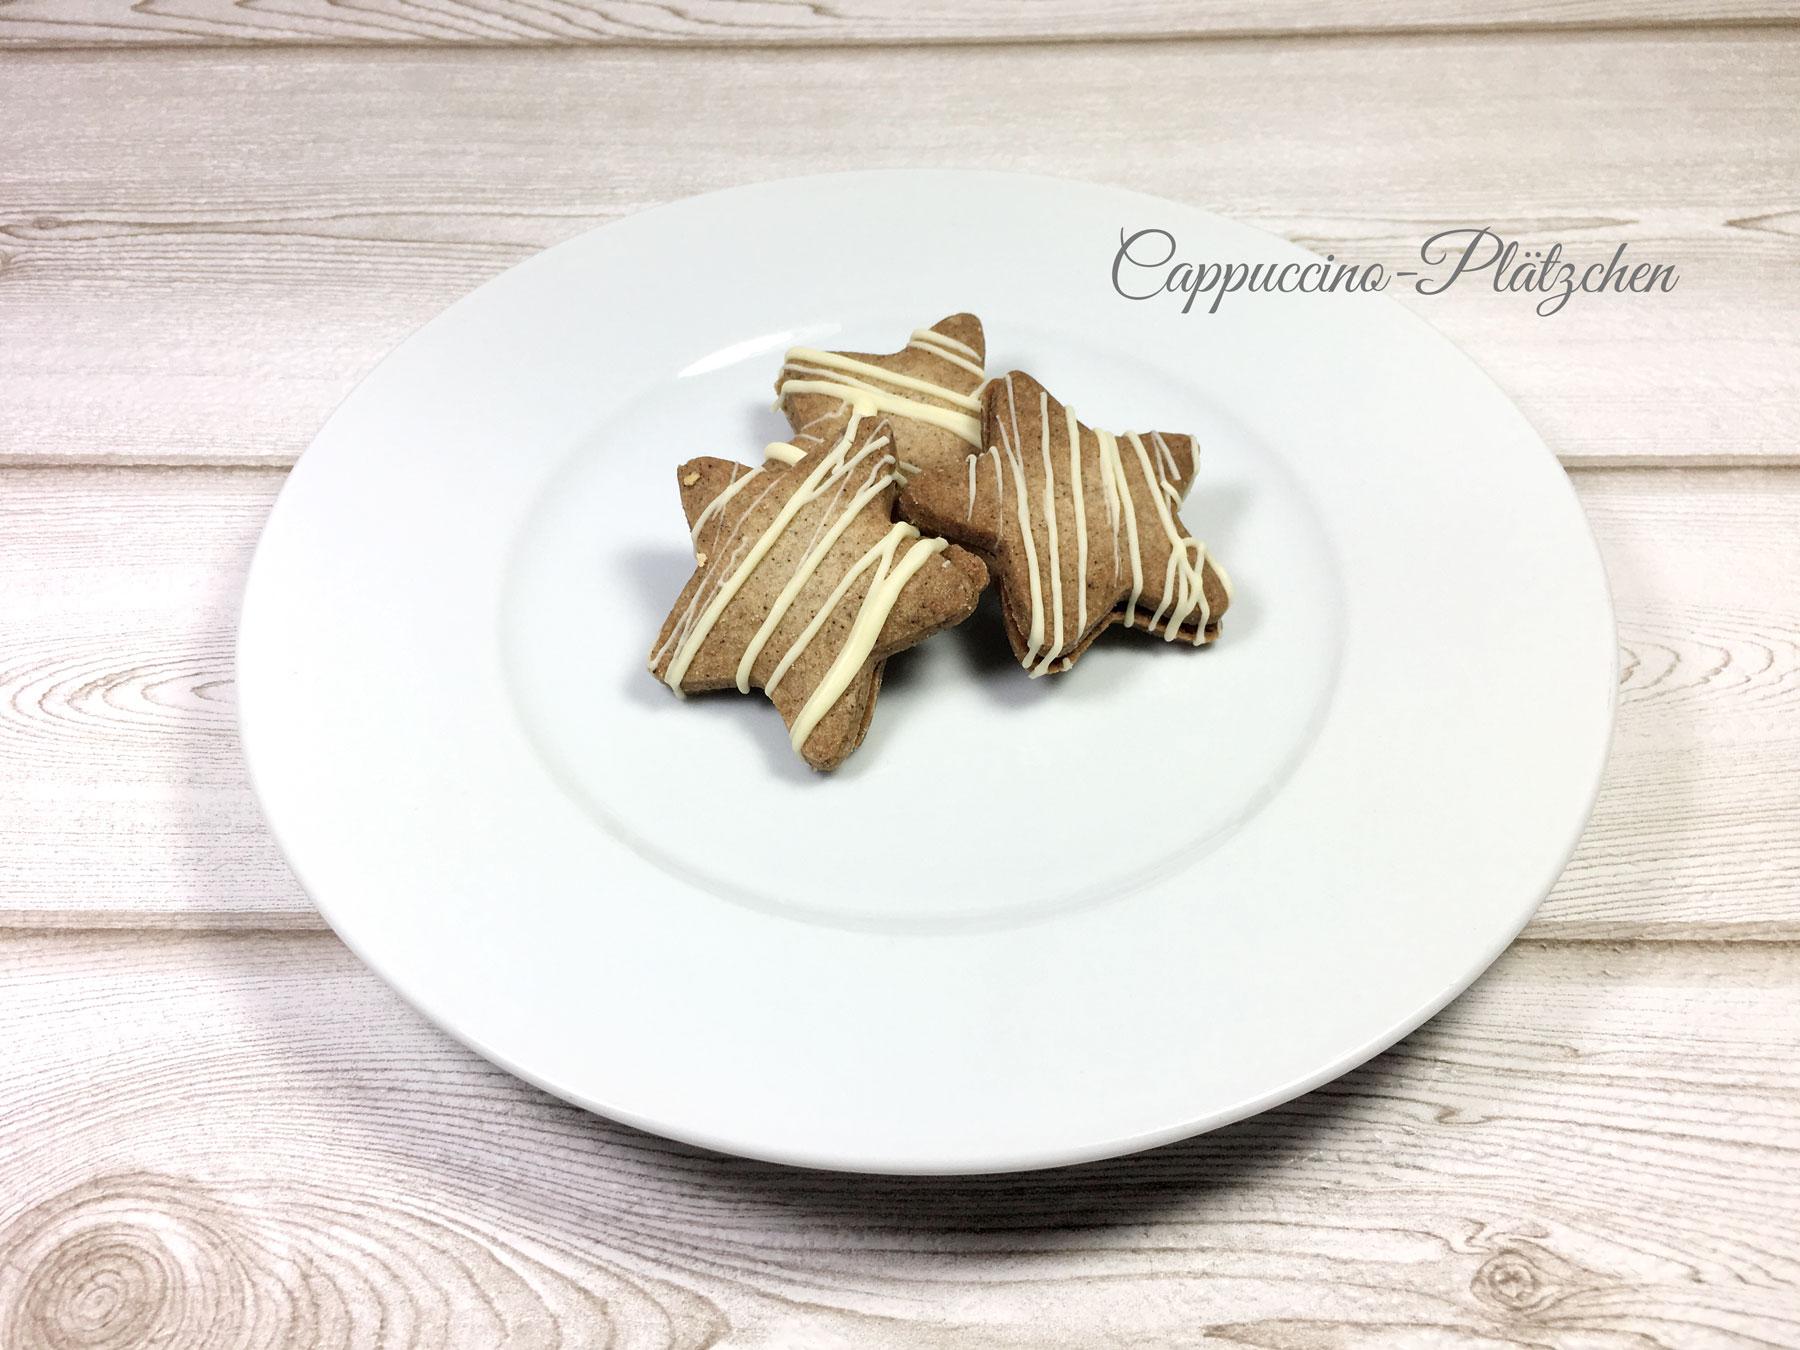 Cappuccino-Plätzchen